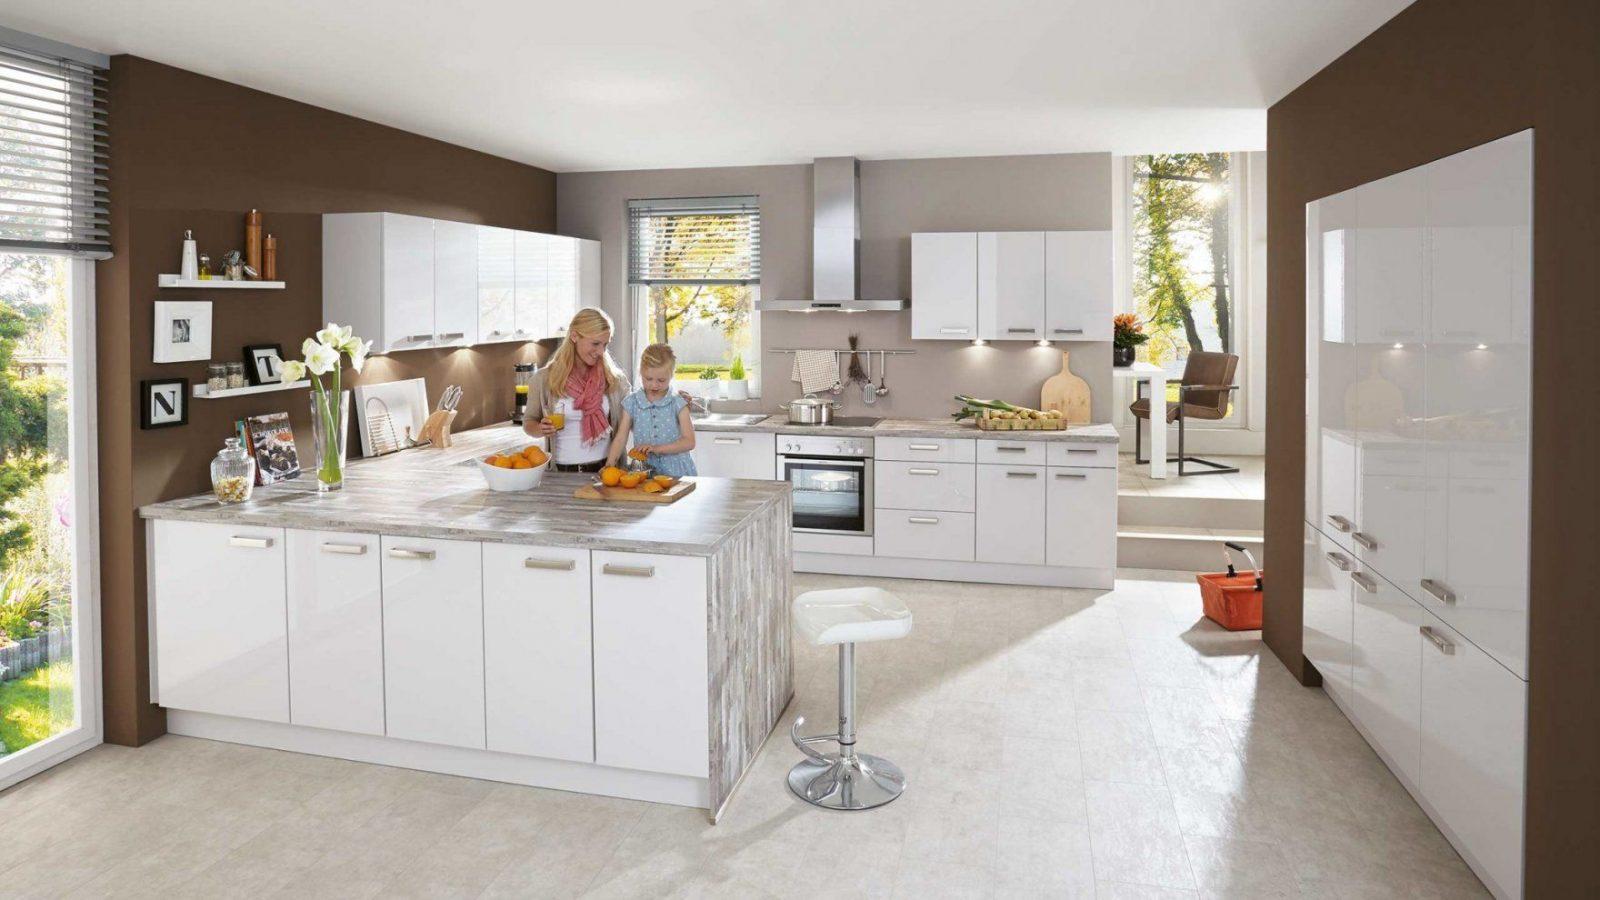 Kuche Mit Kochinsel Mit Theke  Wohndesign von Küche Mit Theke Ideen Bild